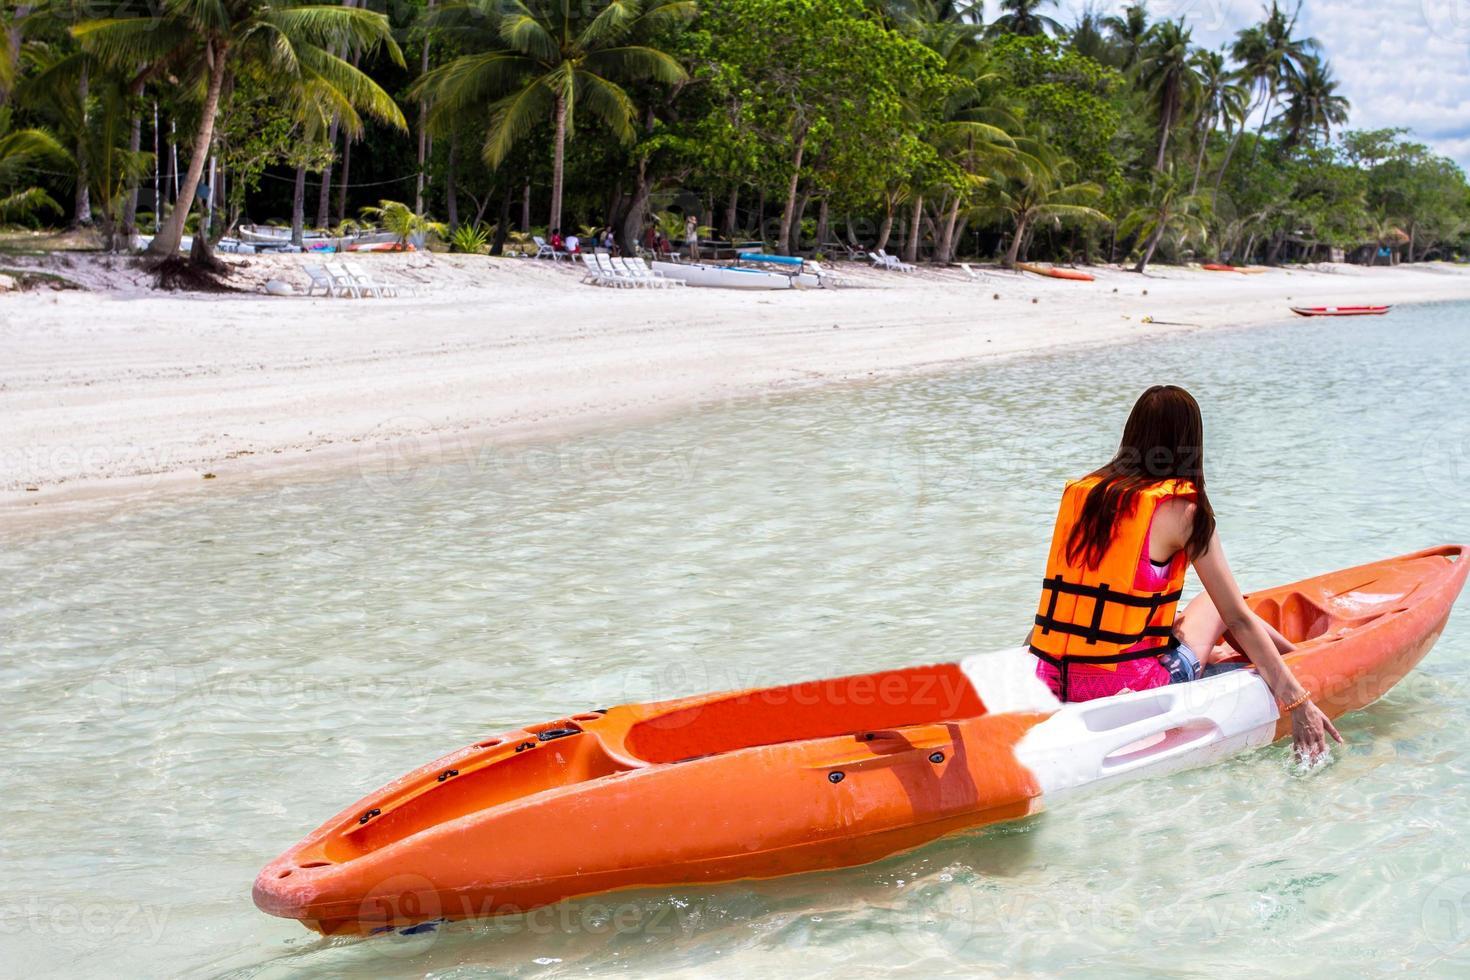 hermosa chica con viajes y vacaciones en la playa disfrutando foto